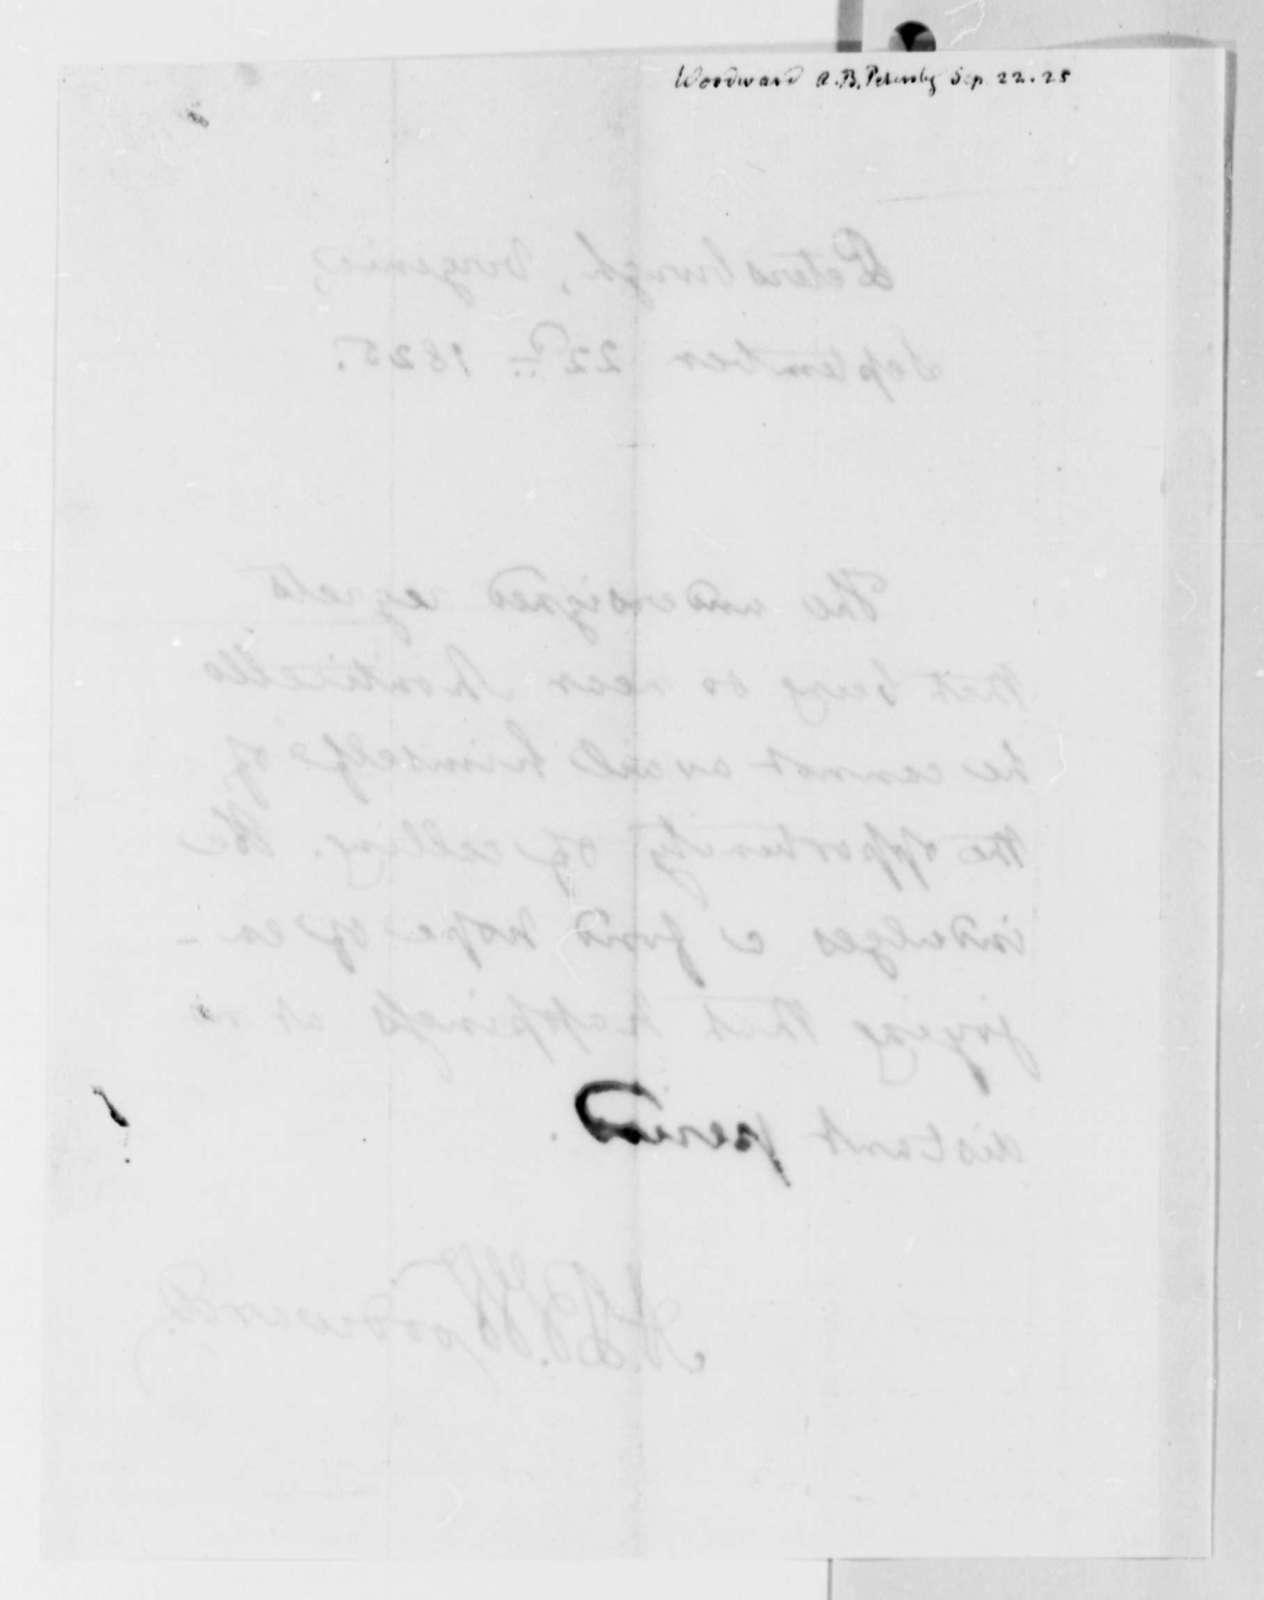 Augustus B. Woodward to Thomas Jefferson, September 22, 1825